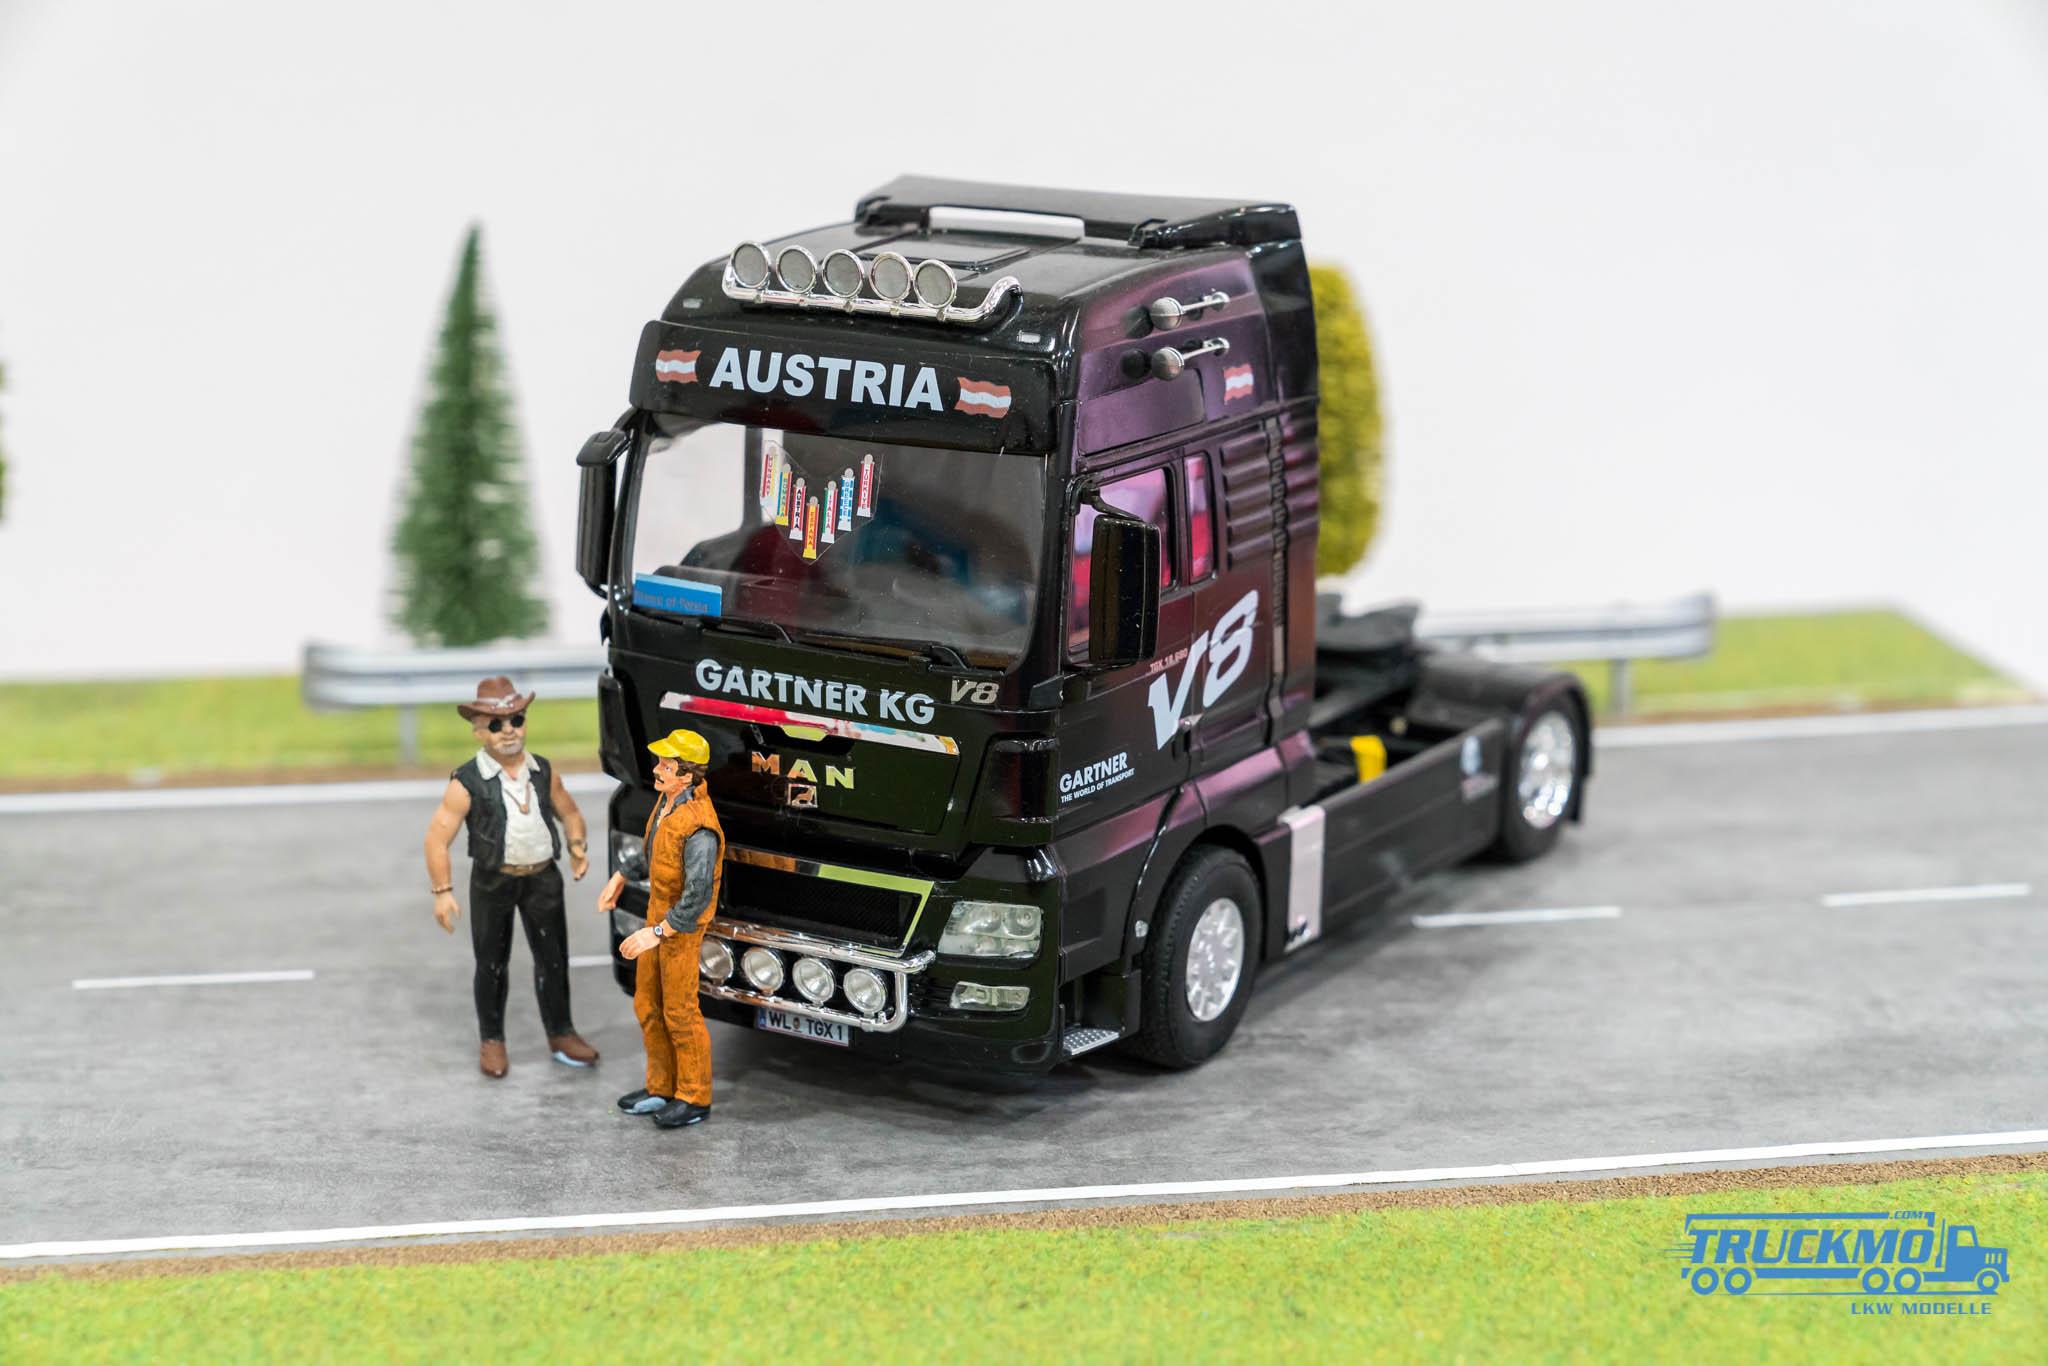 Truckmo_Modellbau_Ried_2017_Herpa_Messe_Modellbauausstellung (298 von 1177)